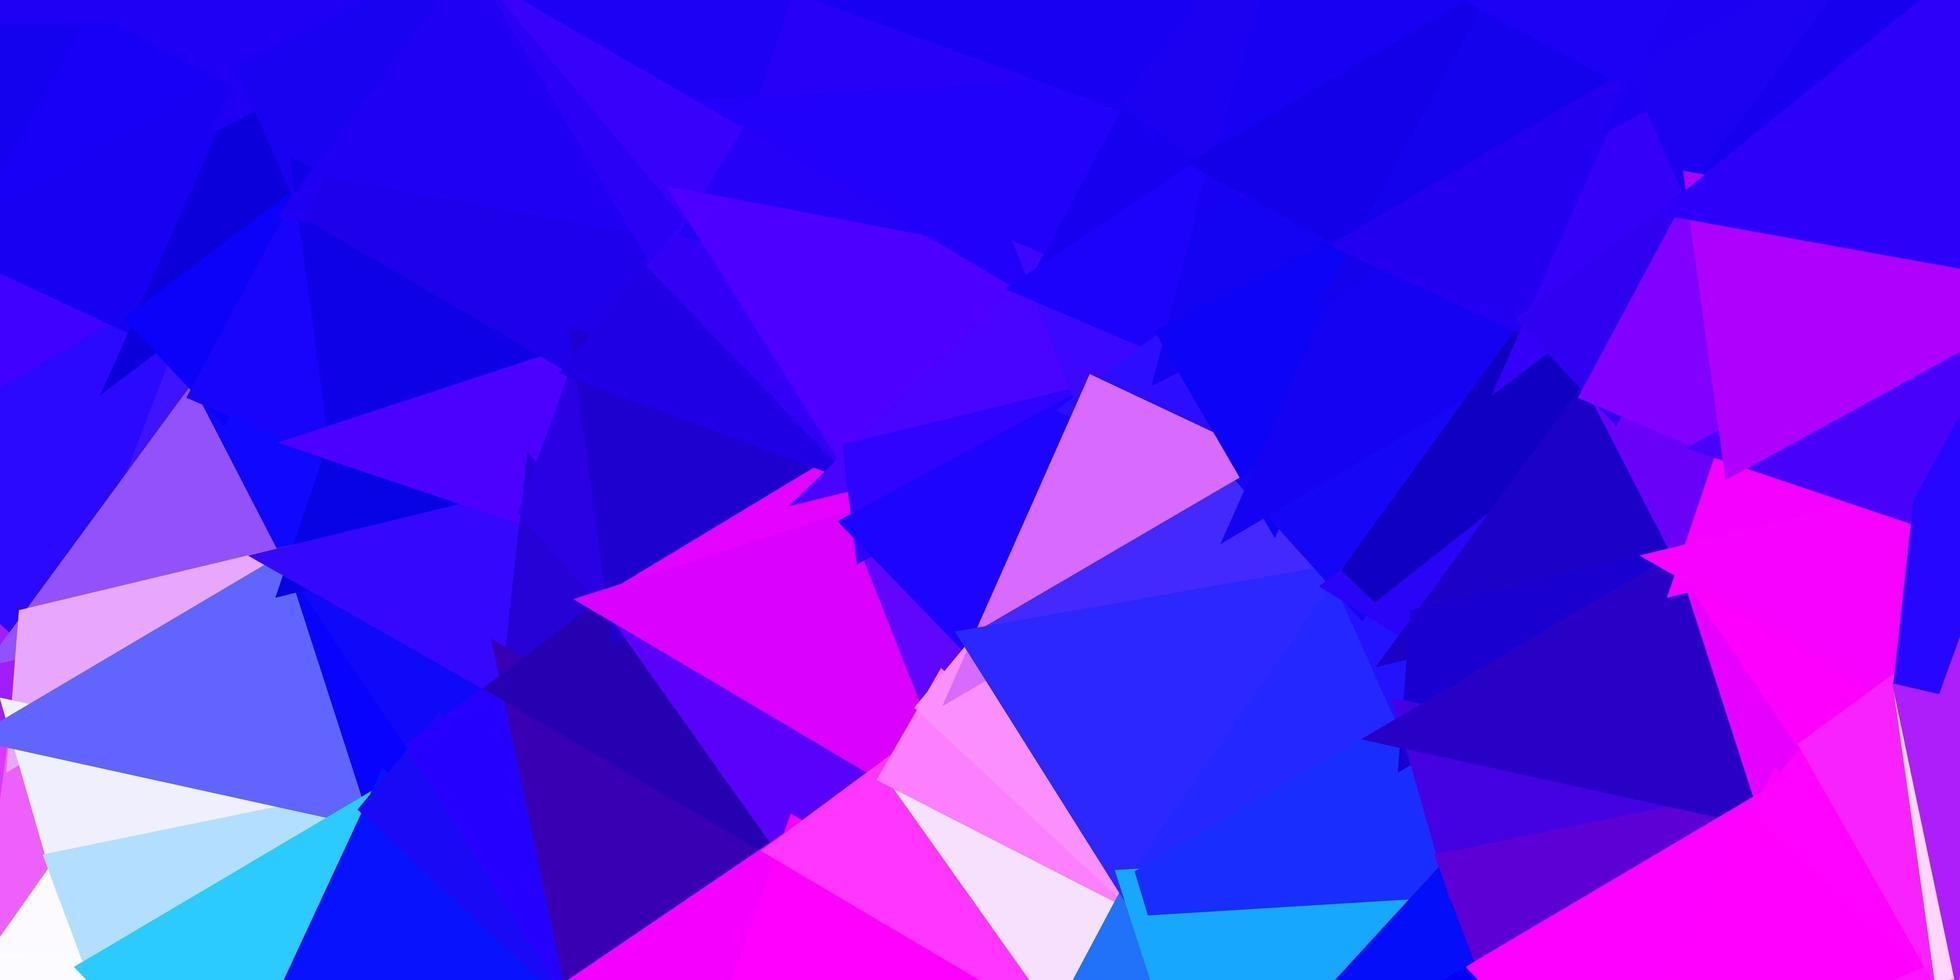 motif de triangle abstrait vecteur rose foncé, bleu.